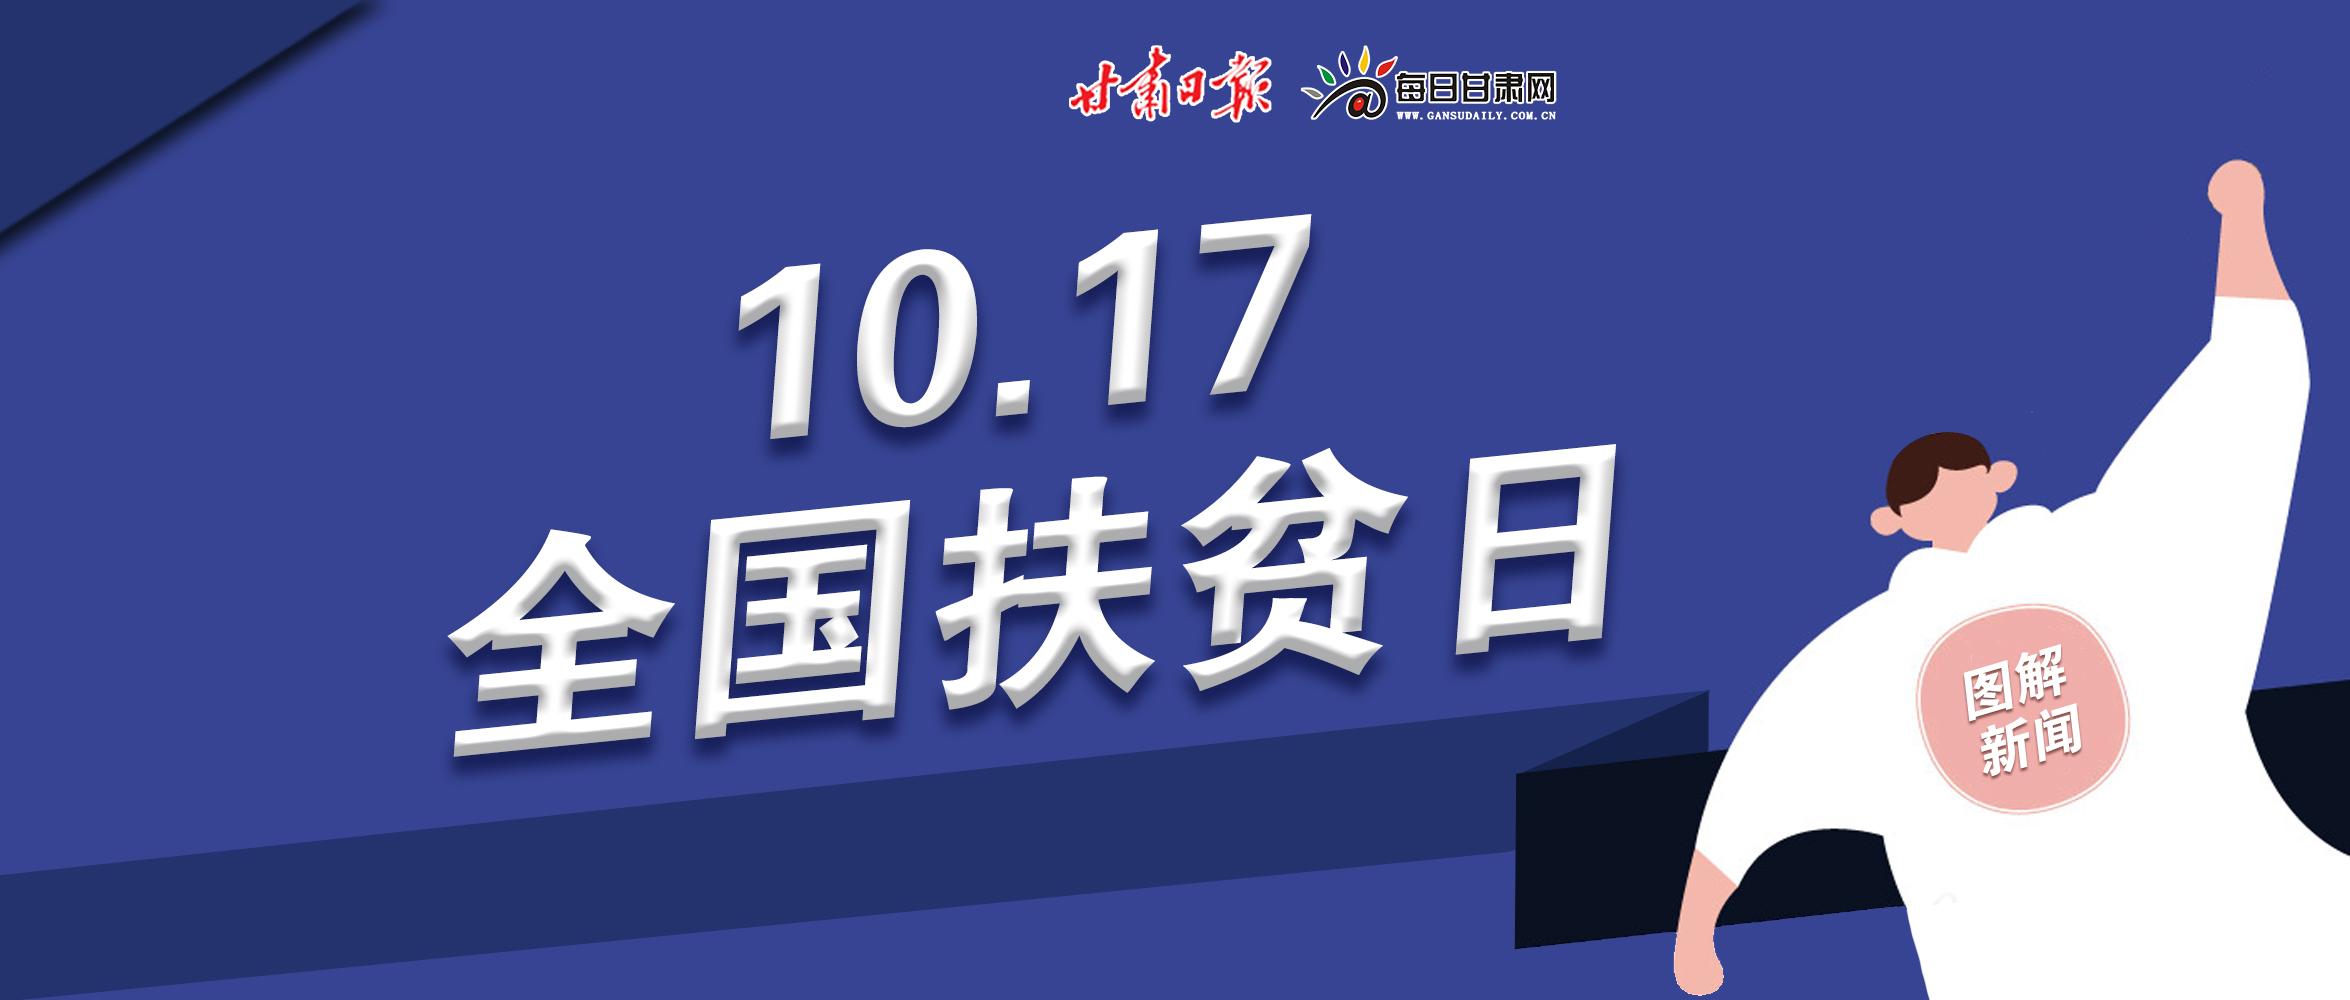 图解 | 10.17天下扶贫日